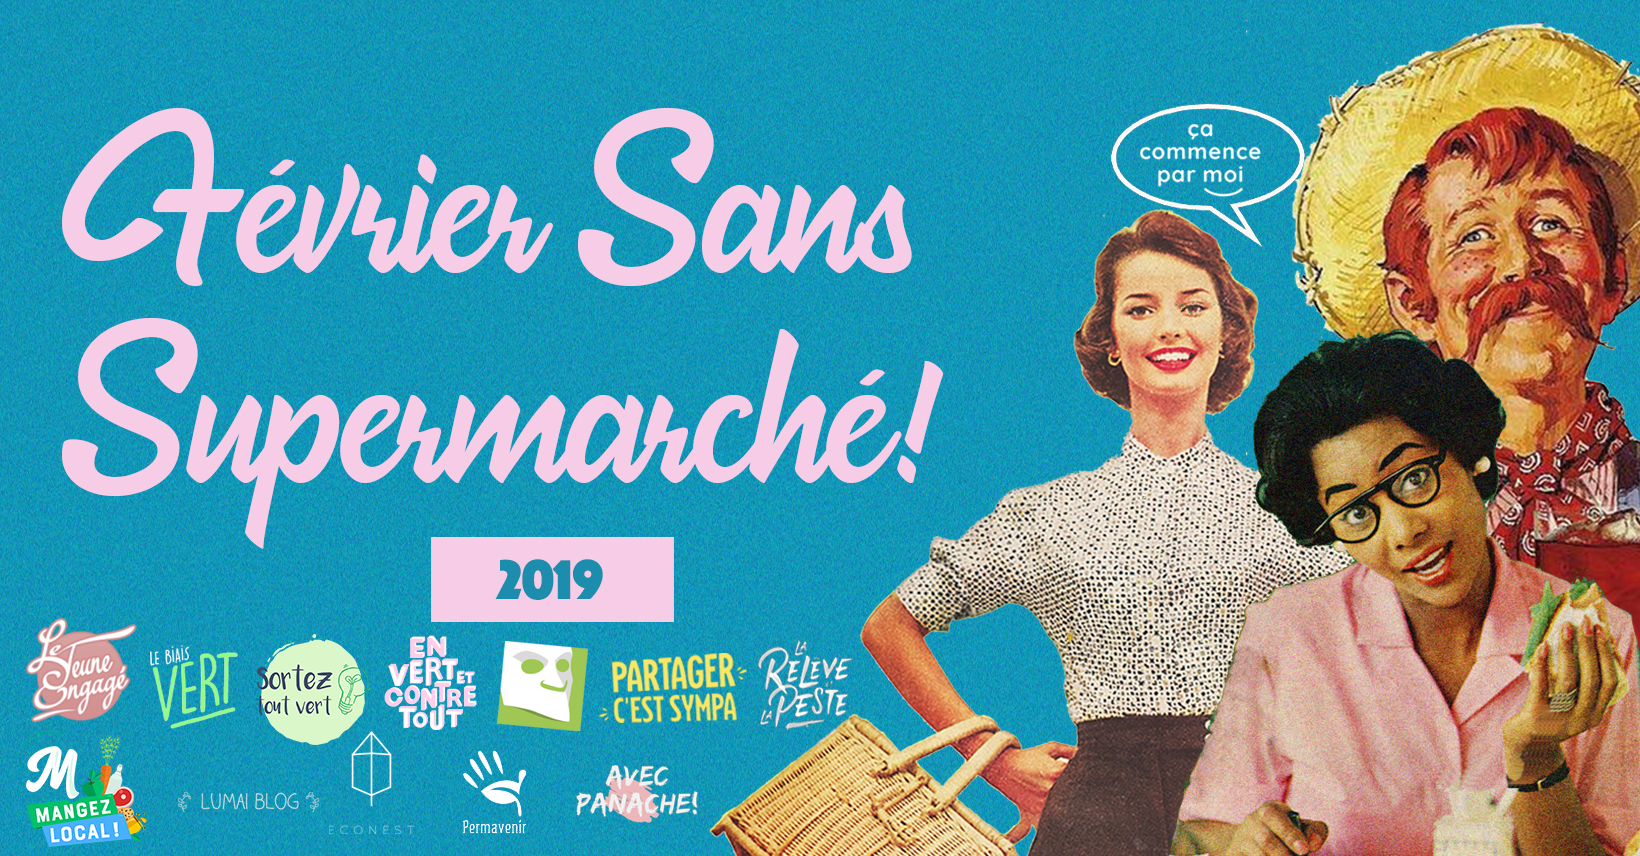 """3e ÉDITION DU DÉFI """"FÉVRIER SANS SUPERMARCHÉ"""" - En vert et contre tout"""